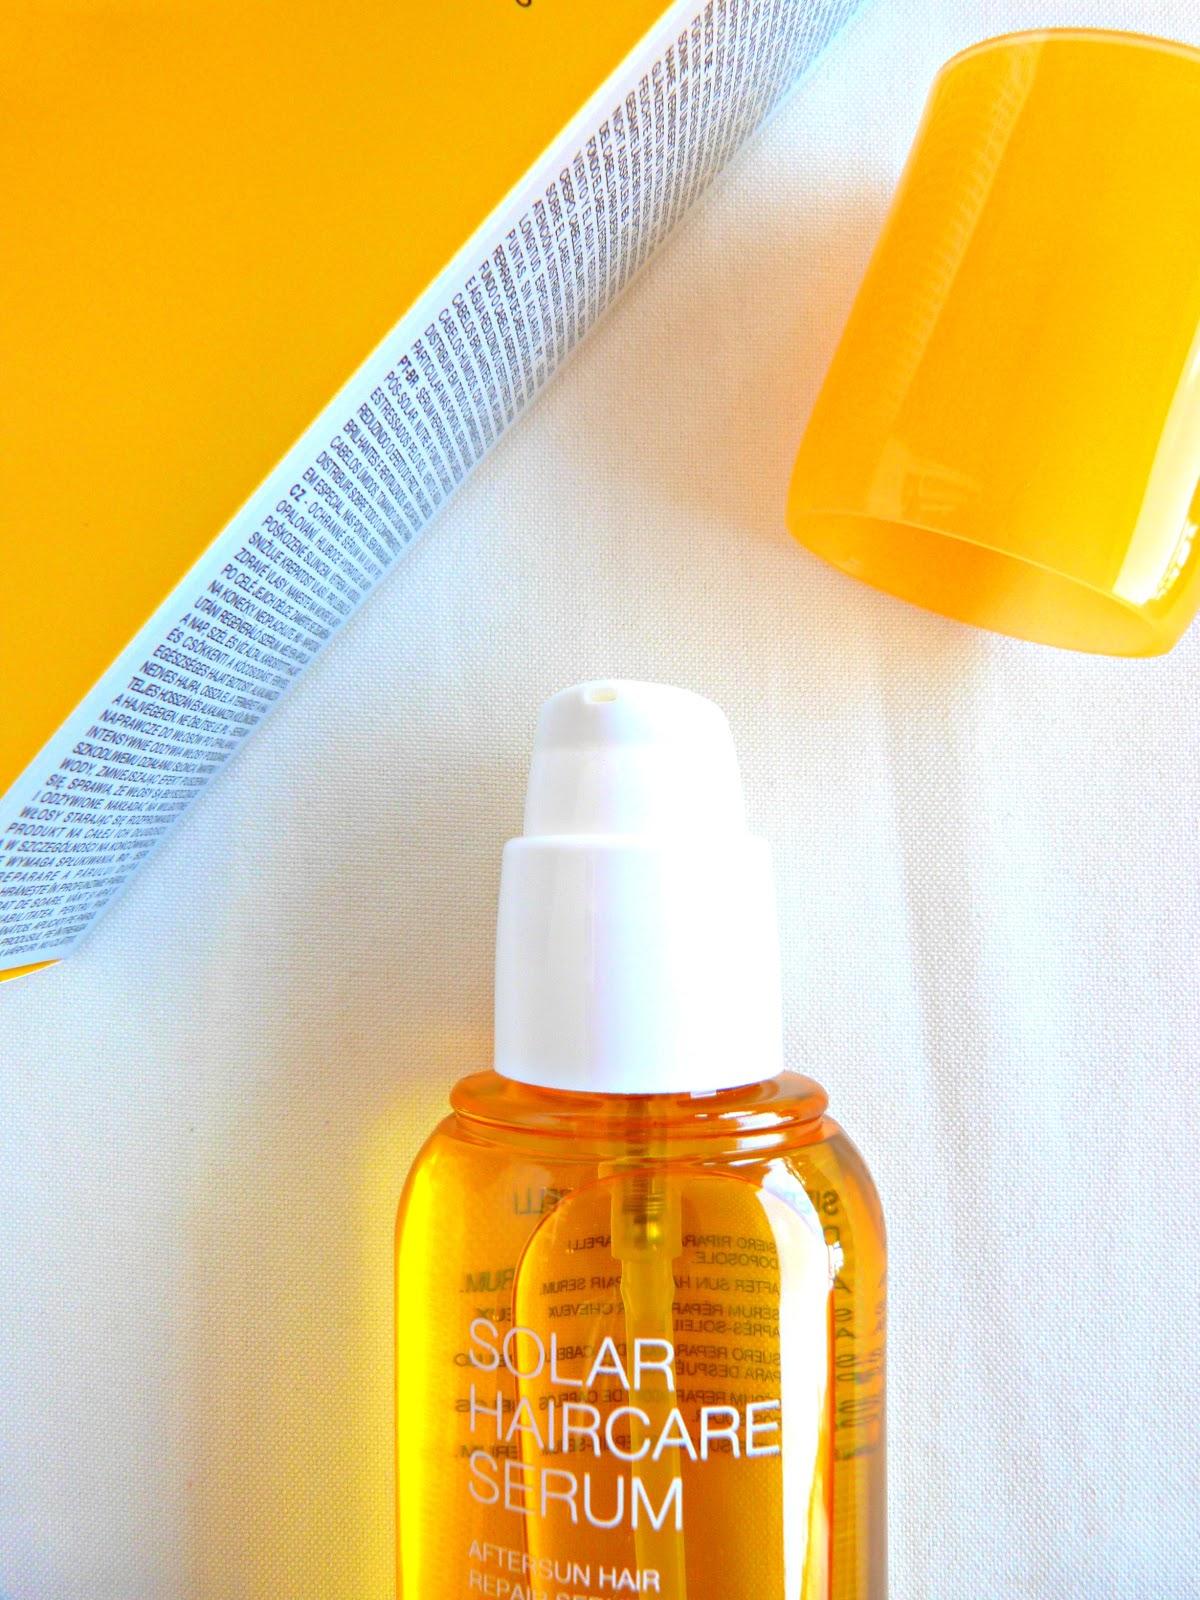 Solar KIKO Milano haircare serum afther sun capilar cabello 1